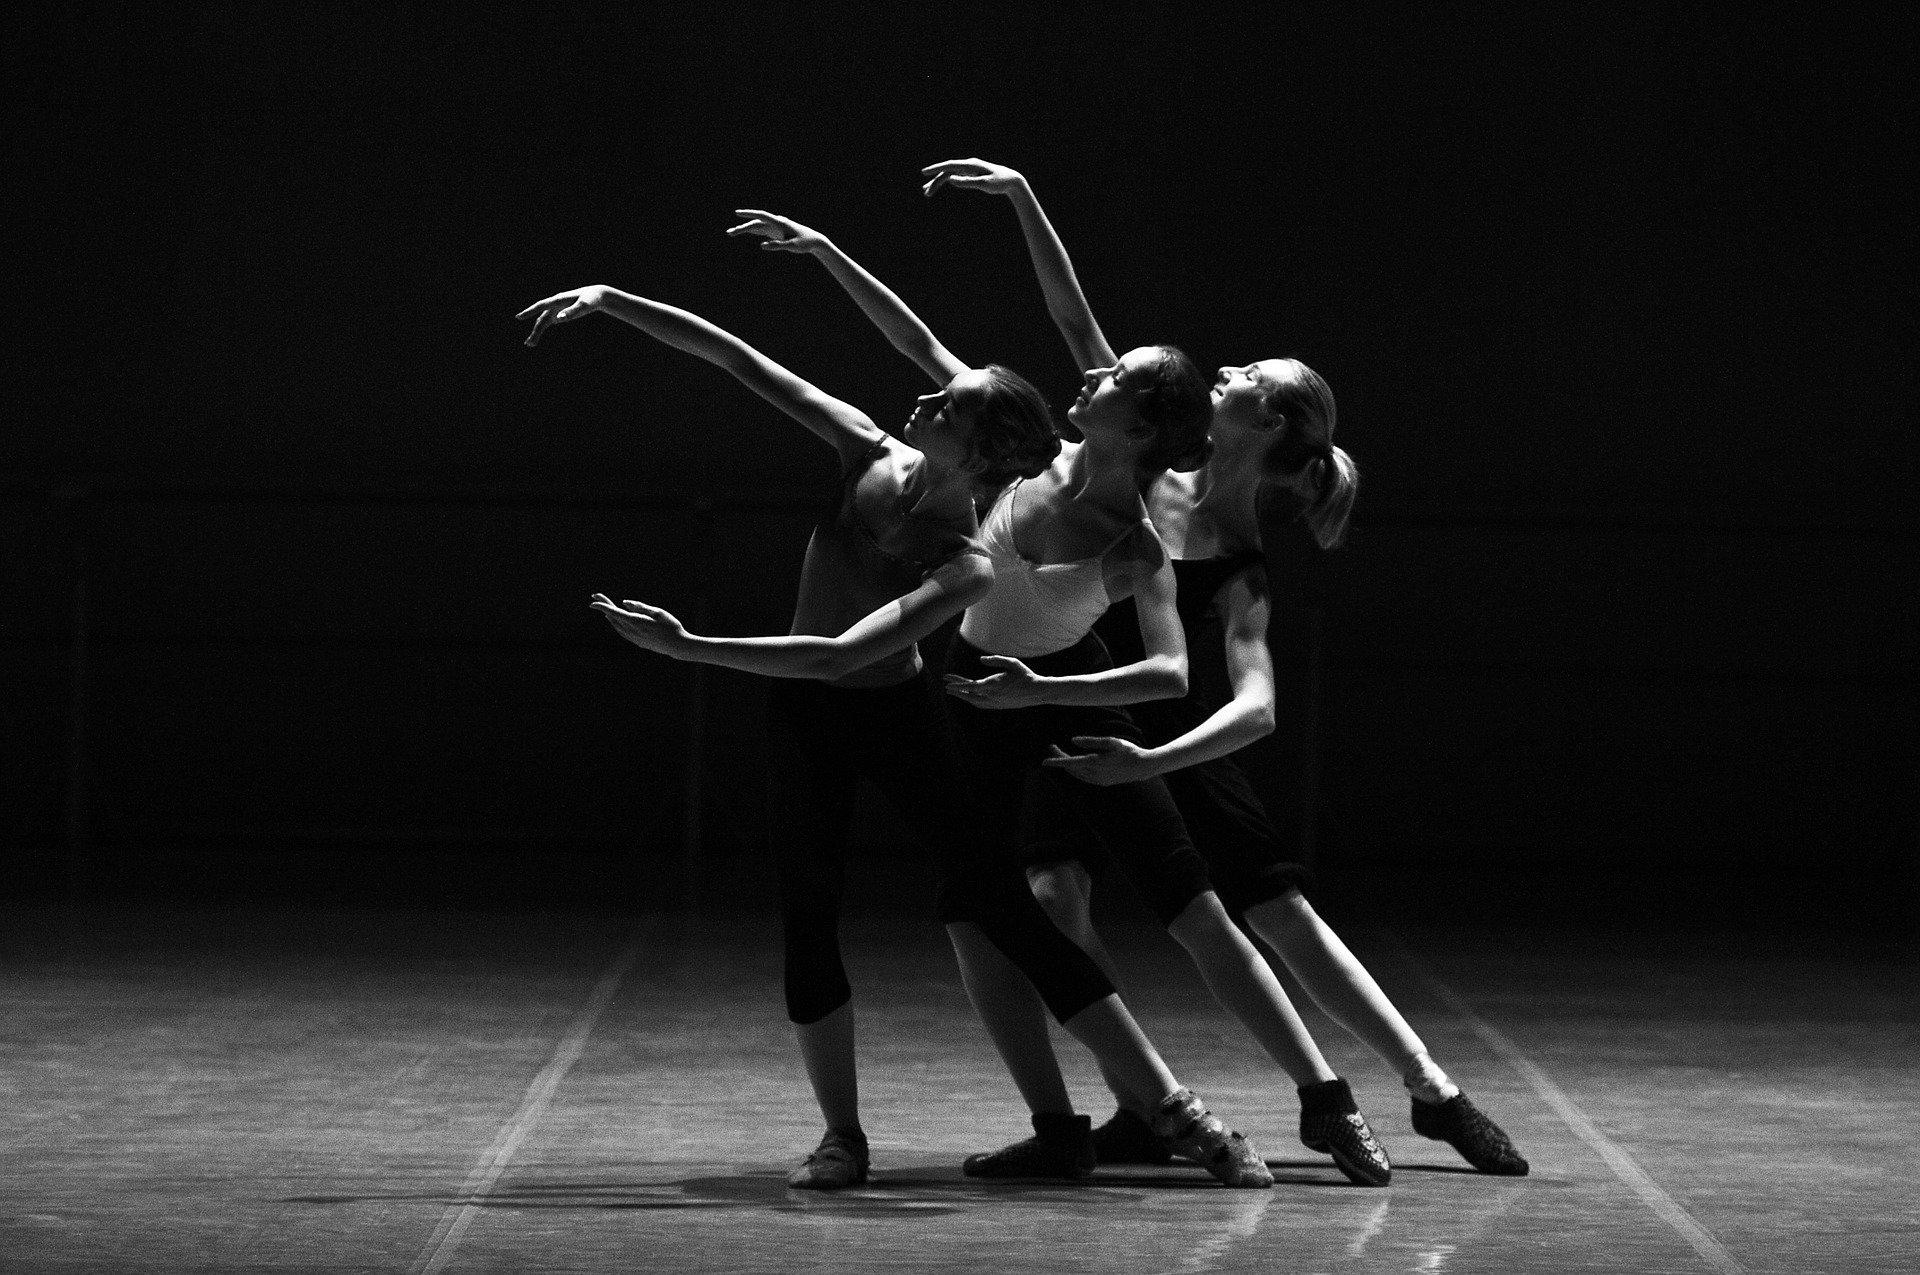 ダンス・バレエ上達のためのウォーミングアップ